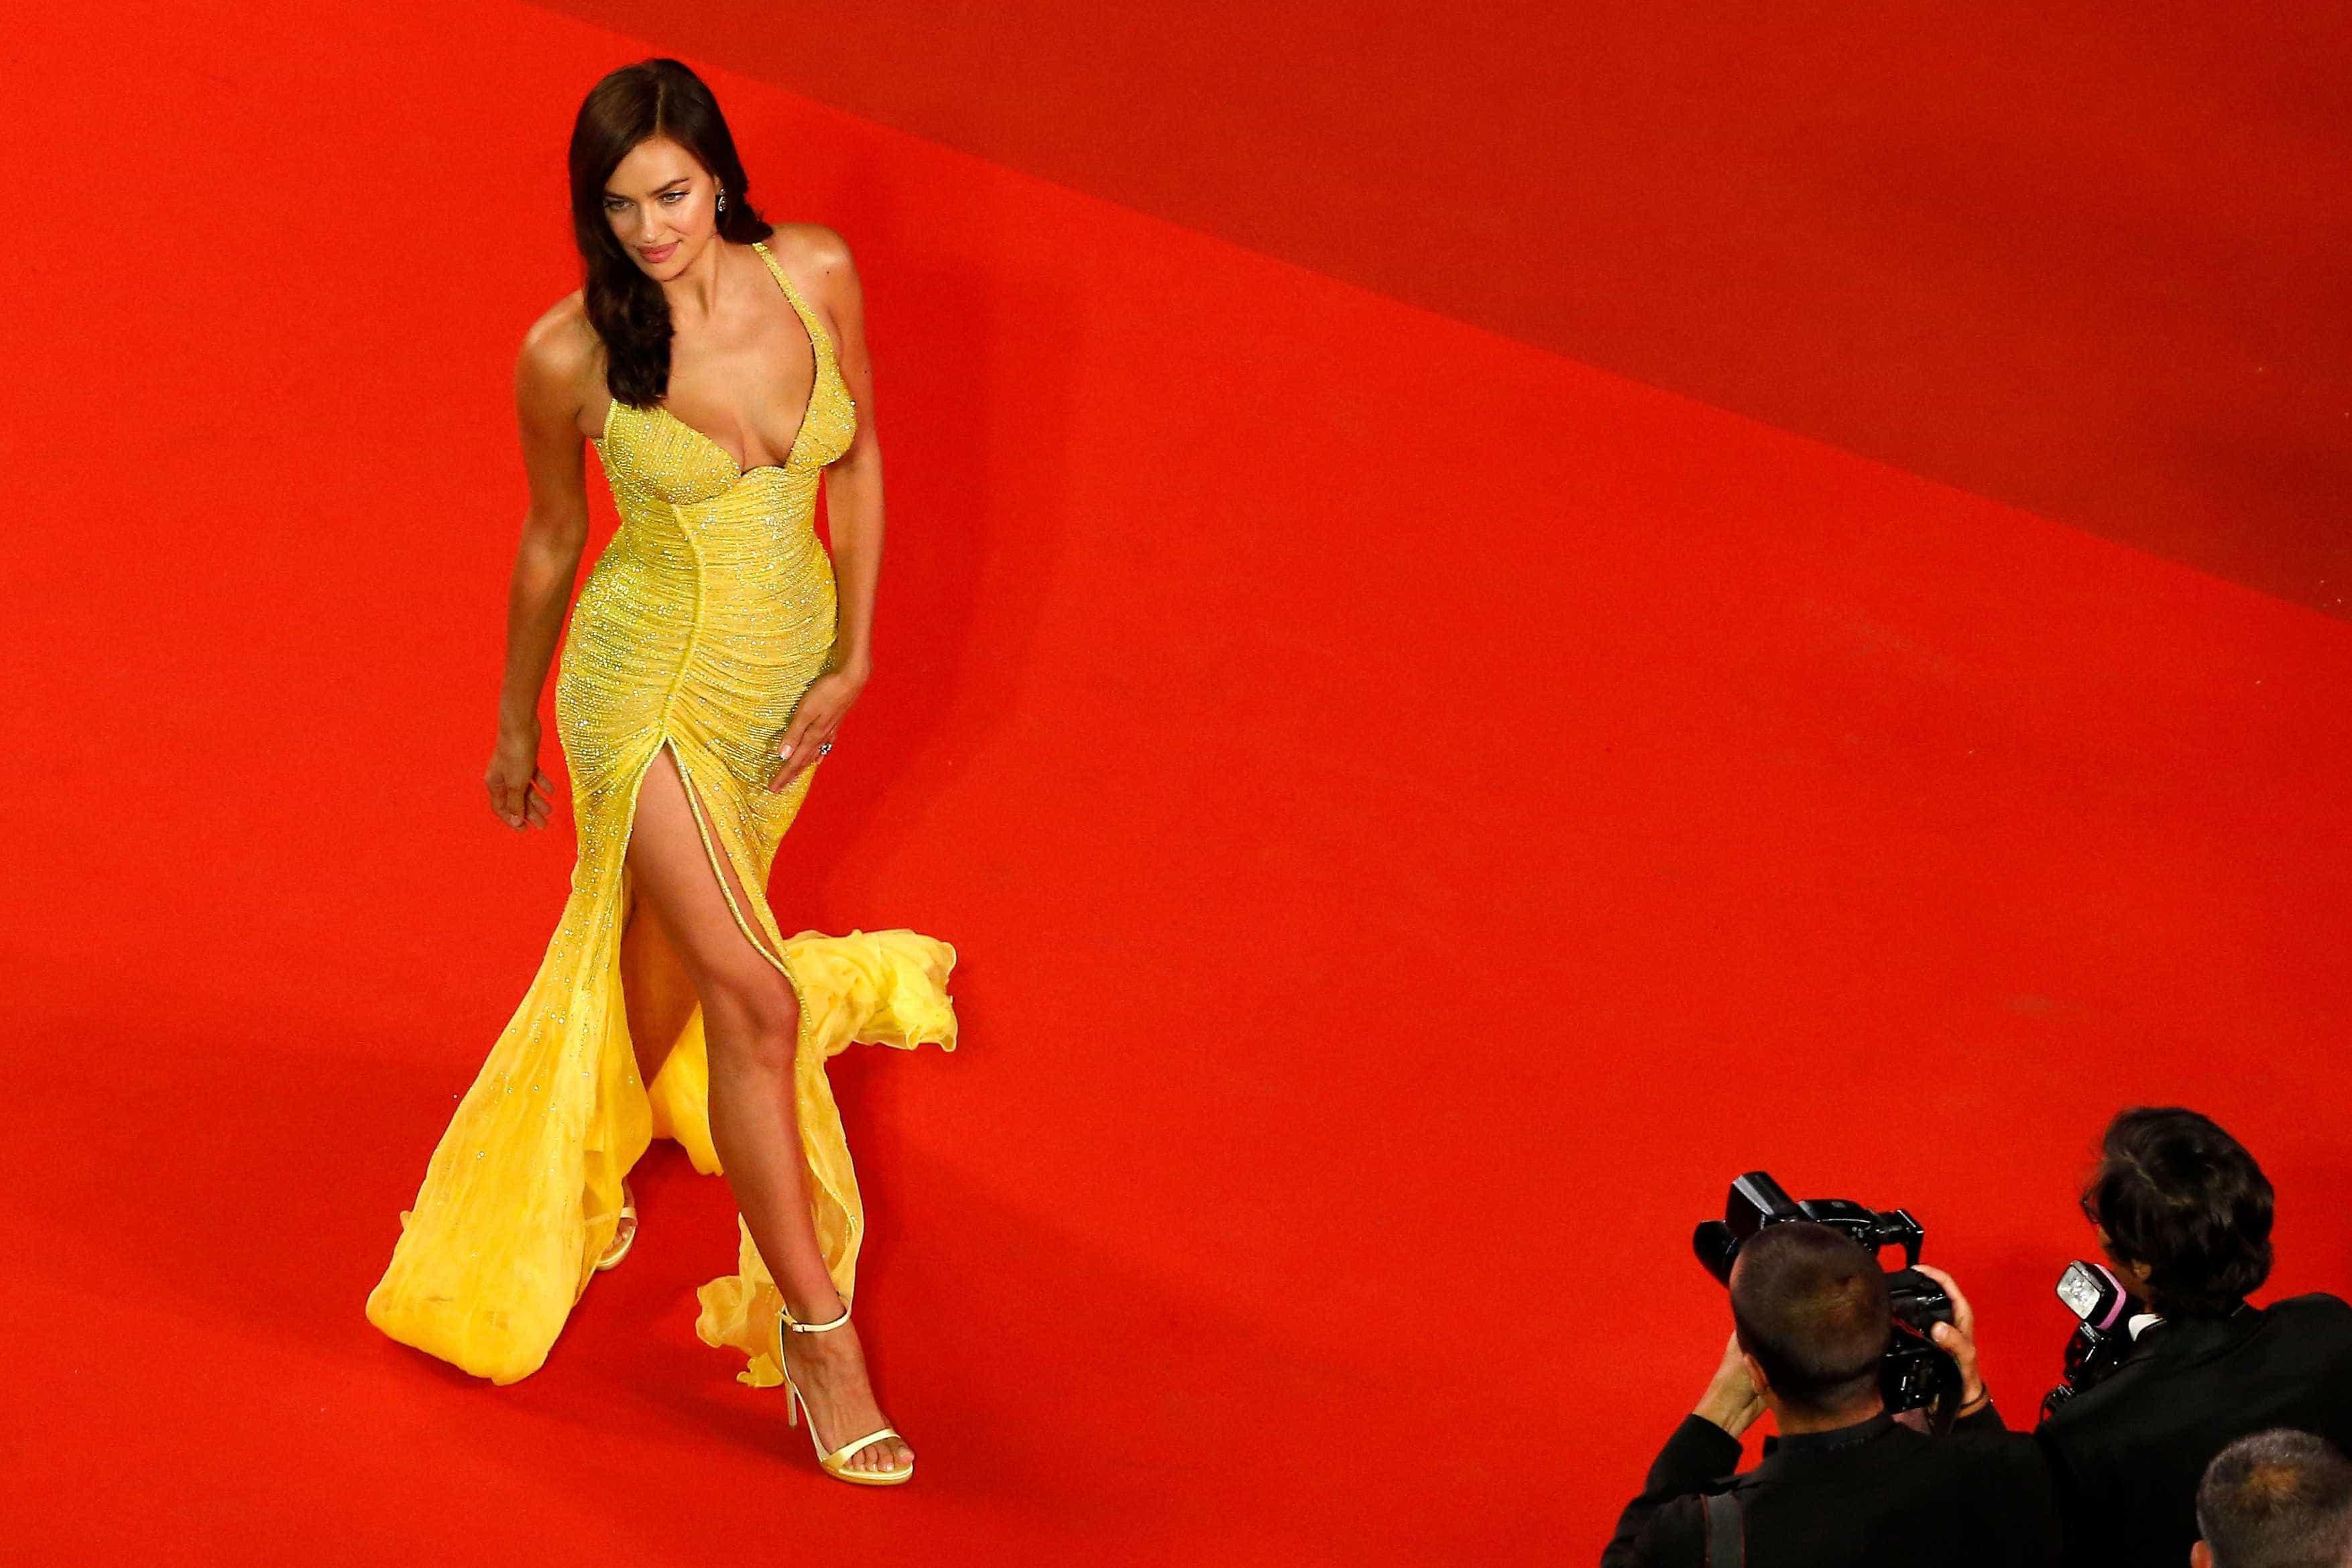 Os melhores corpos das celebridades depois da gravidez